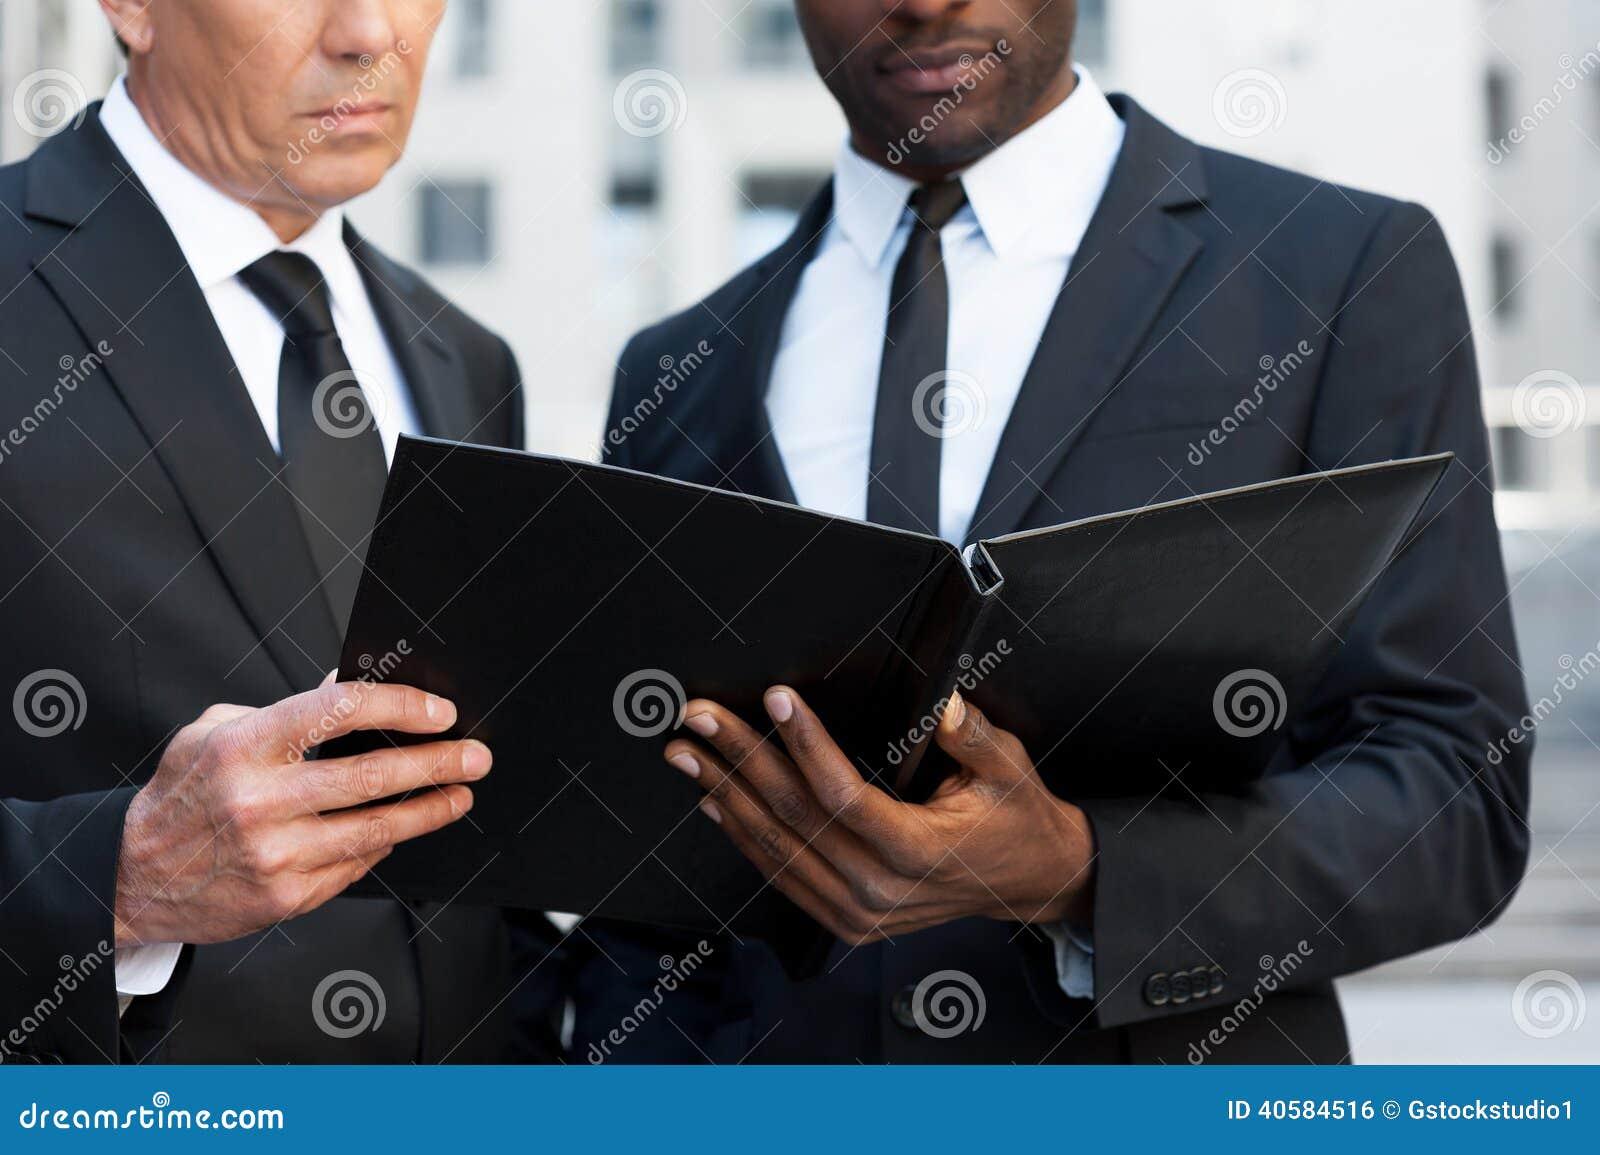 Рассматривая документы